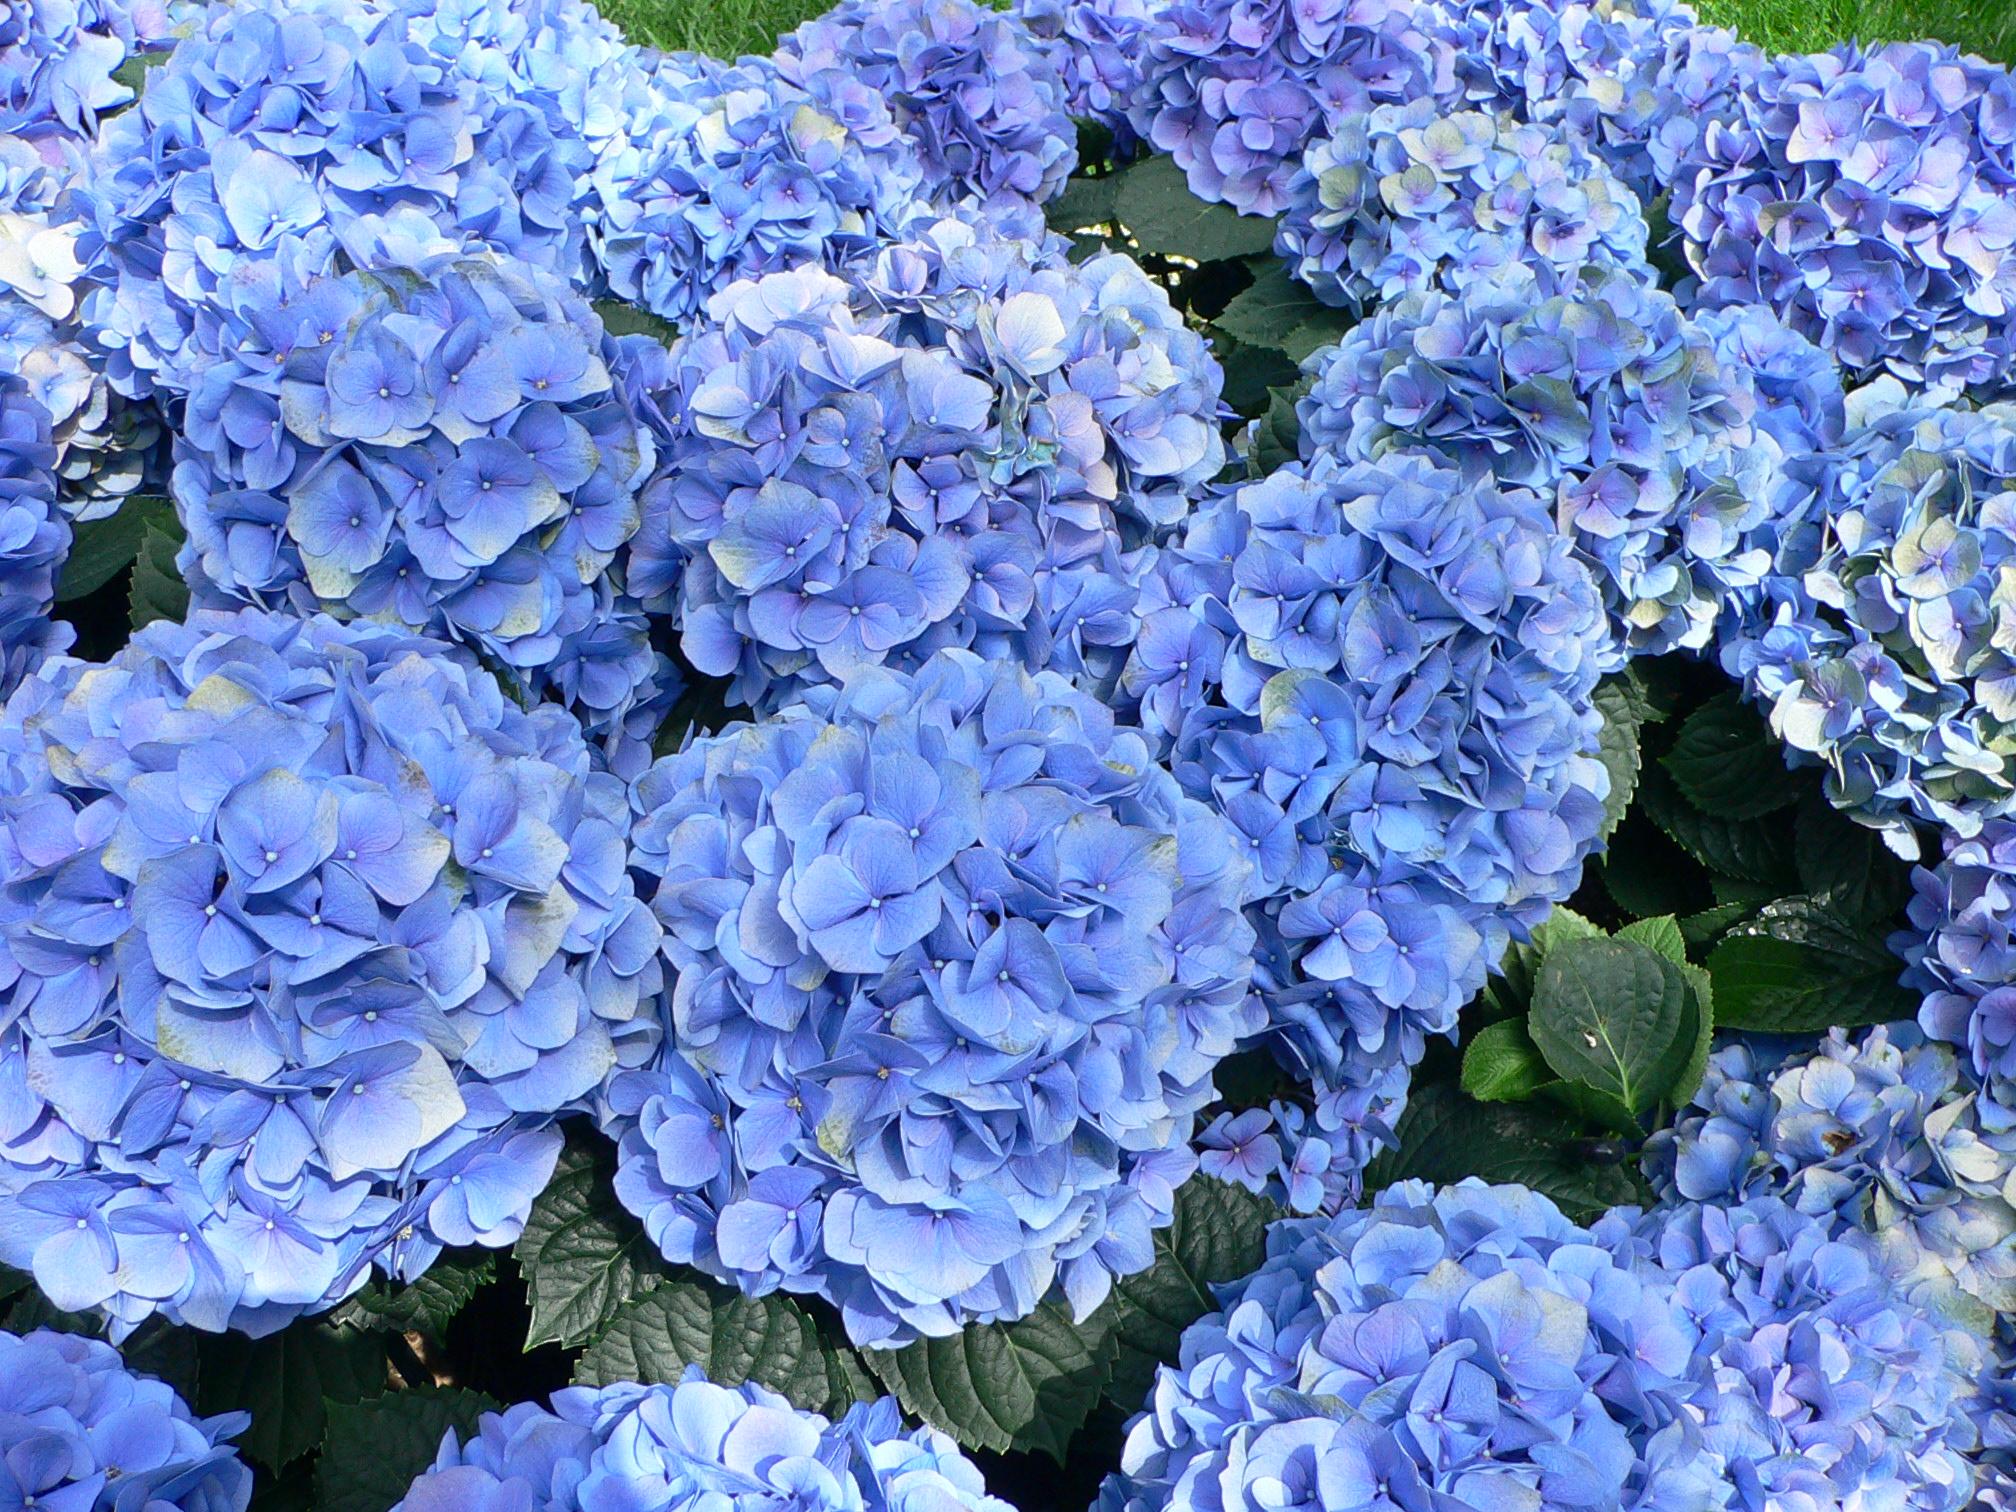 Hydrangea. (Hortensia).